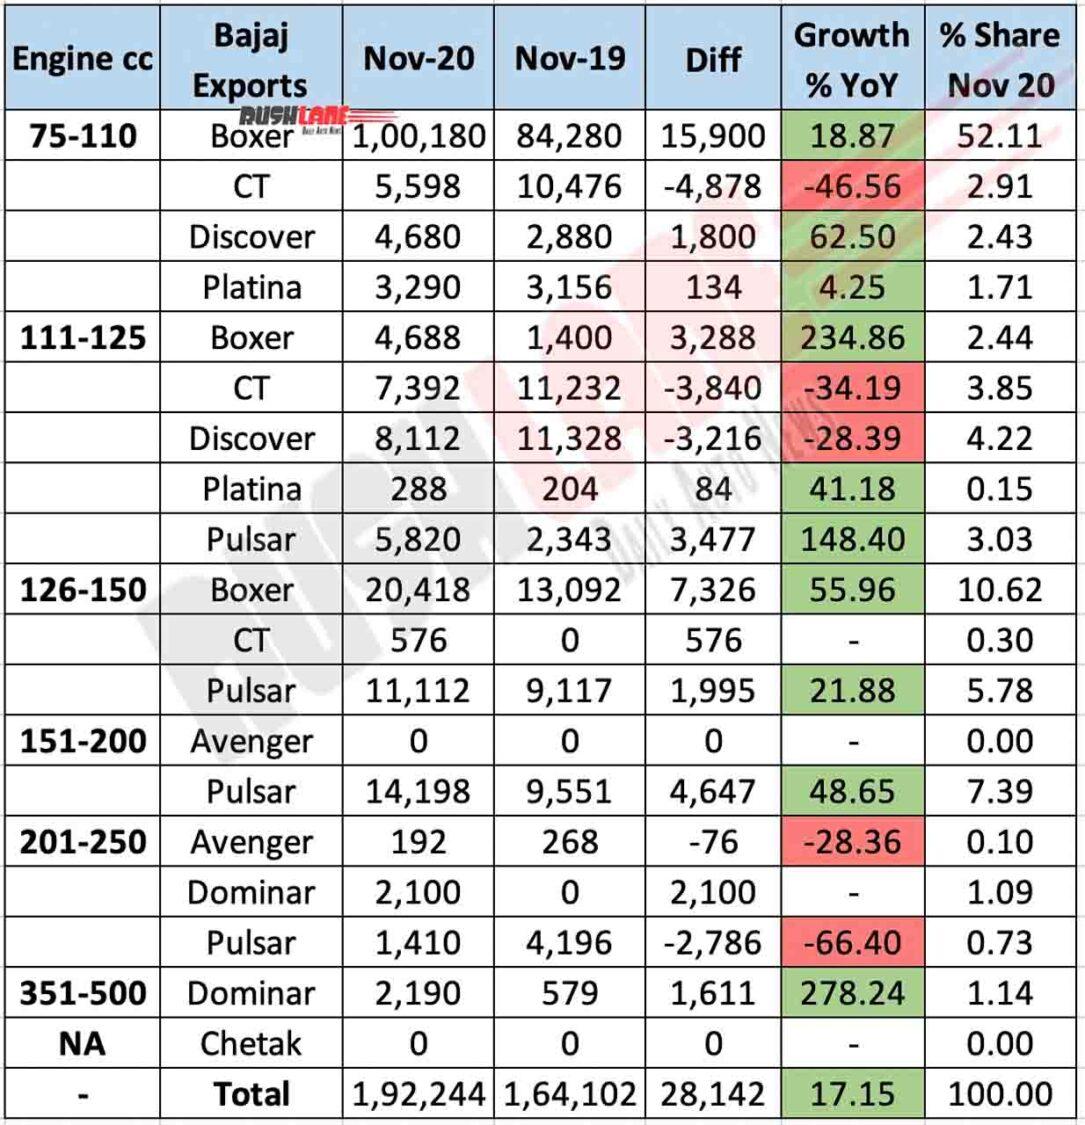 Bajaj Exports Nov 2020